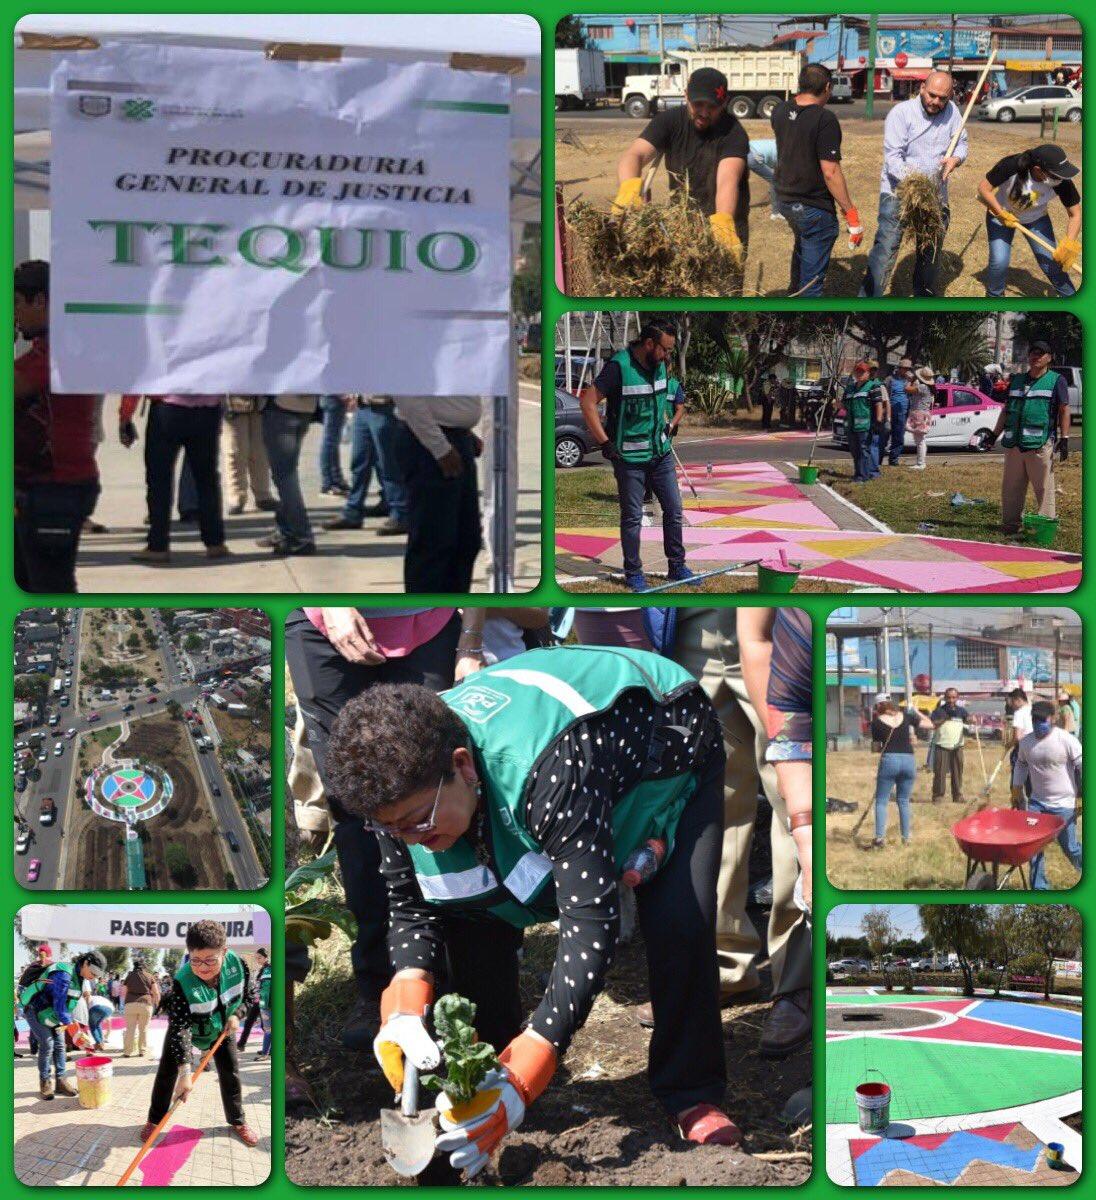 #SábadoDeTequio en el Corredor Mujeres Libres en la @Alc_Iztapalapa participan funcionarios de la @PGJDF_CDMX de todas las áreas.  Agradezco la disposición y el ánimo para recuperar los espacio públicos de nuestra ciudad #GobernarEsServir